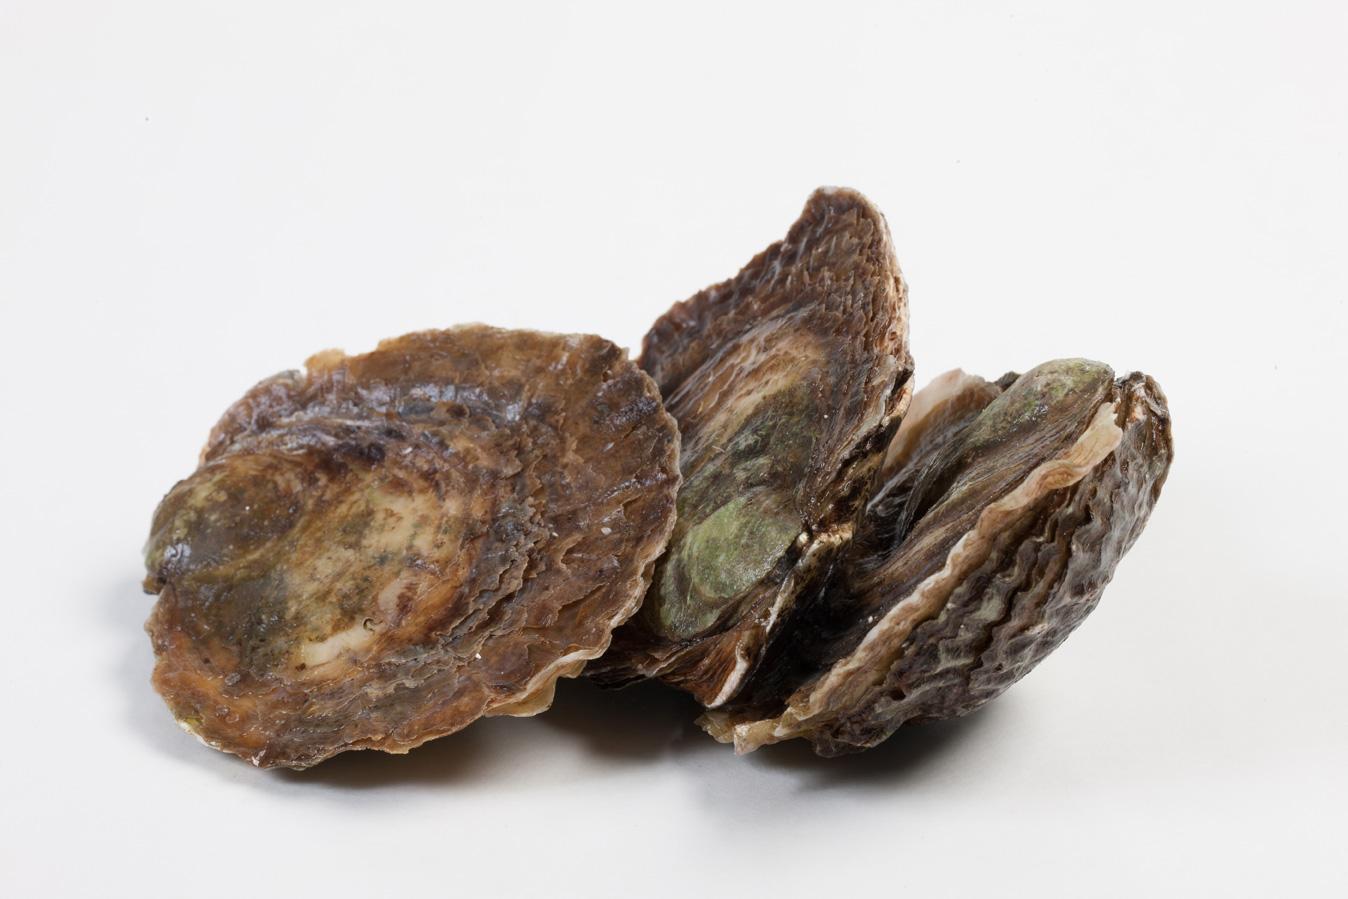 Groothandel-vis-FishXL-schelpdieren-zeeuwse-platte-oesters_WL_9844